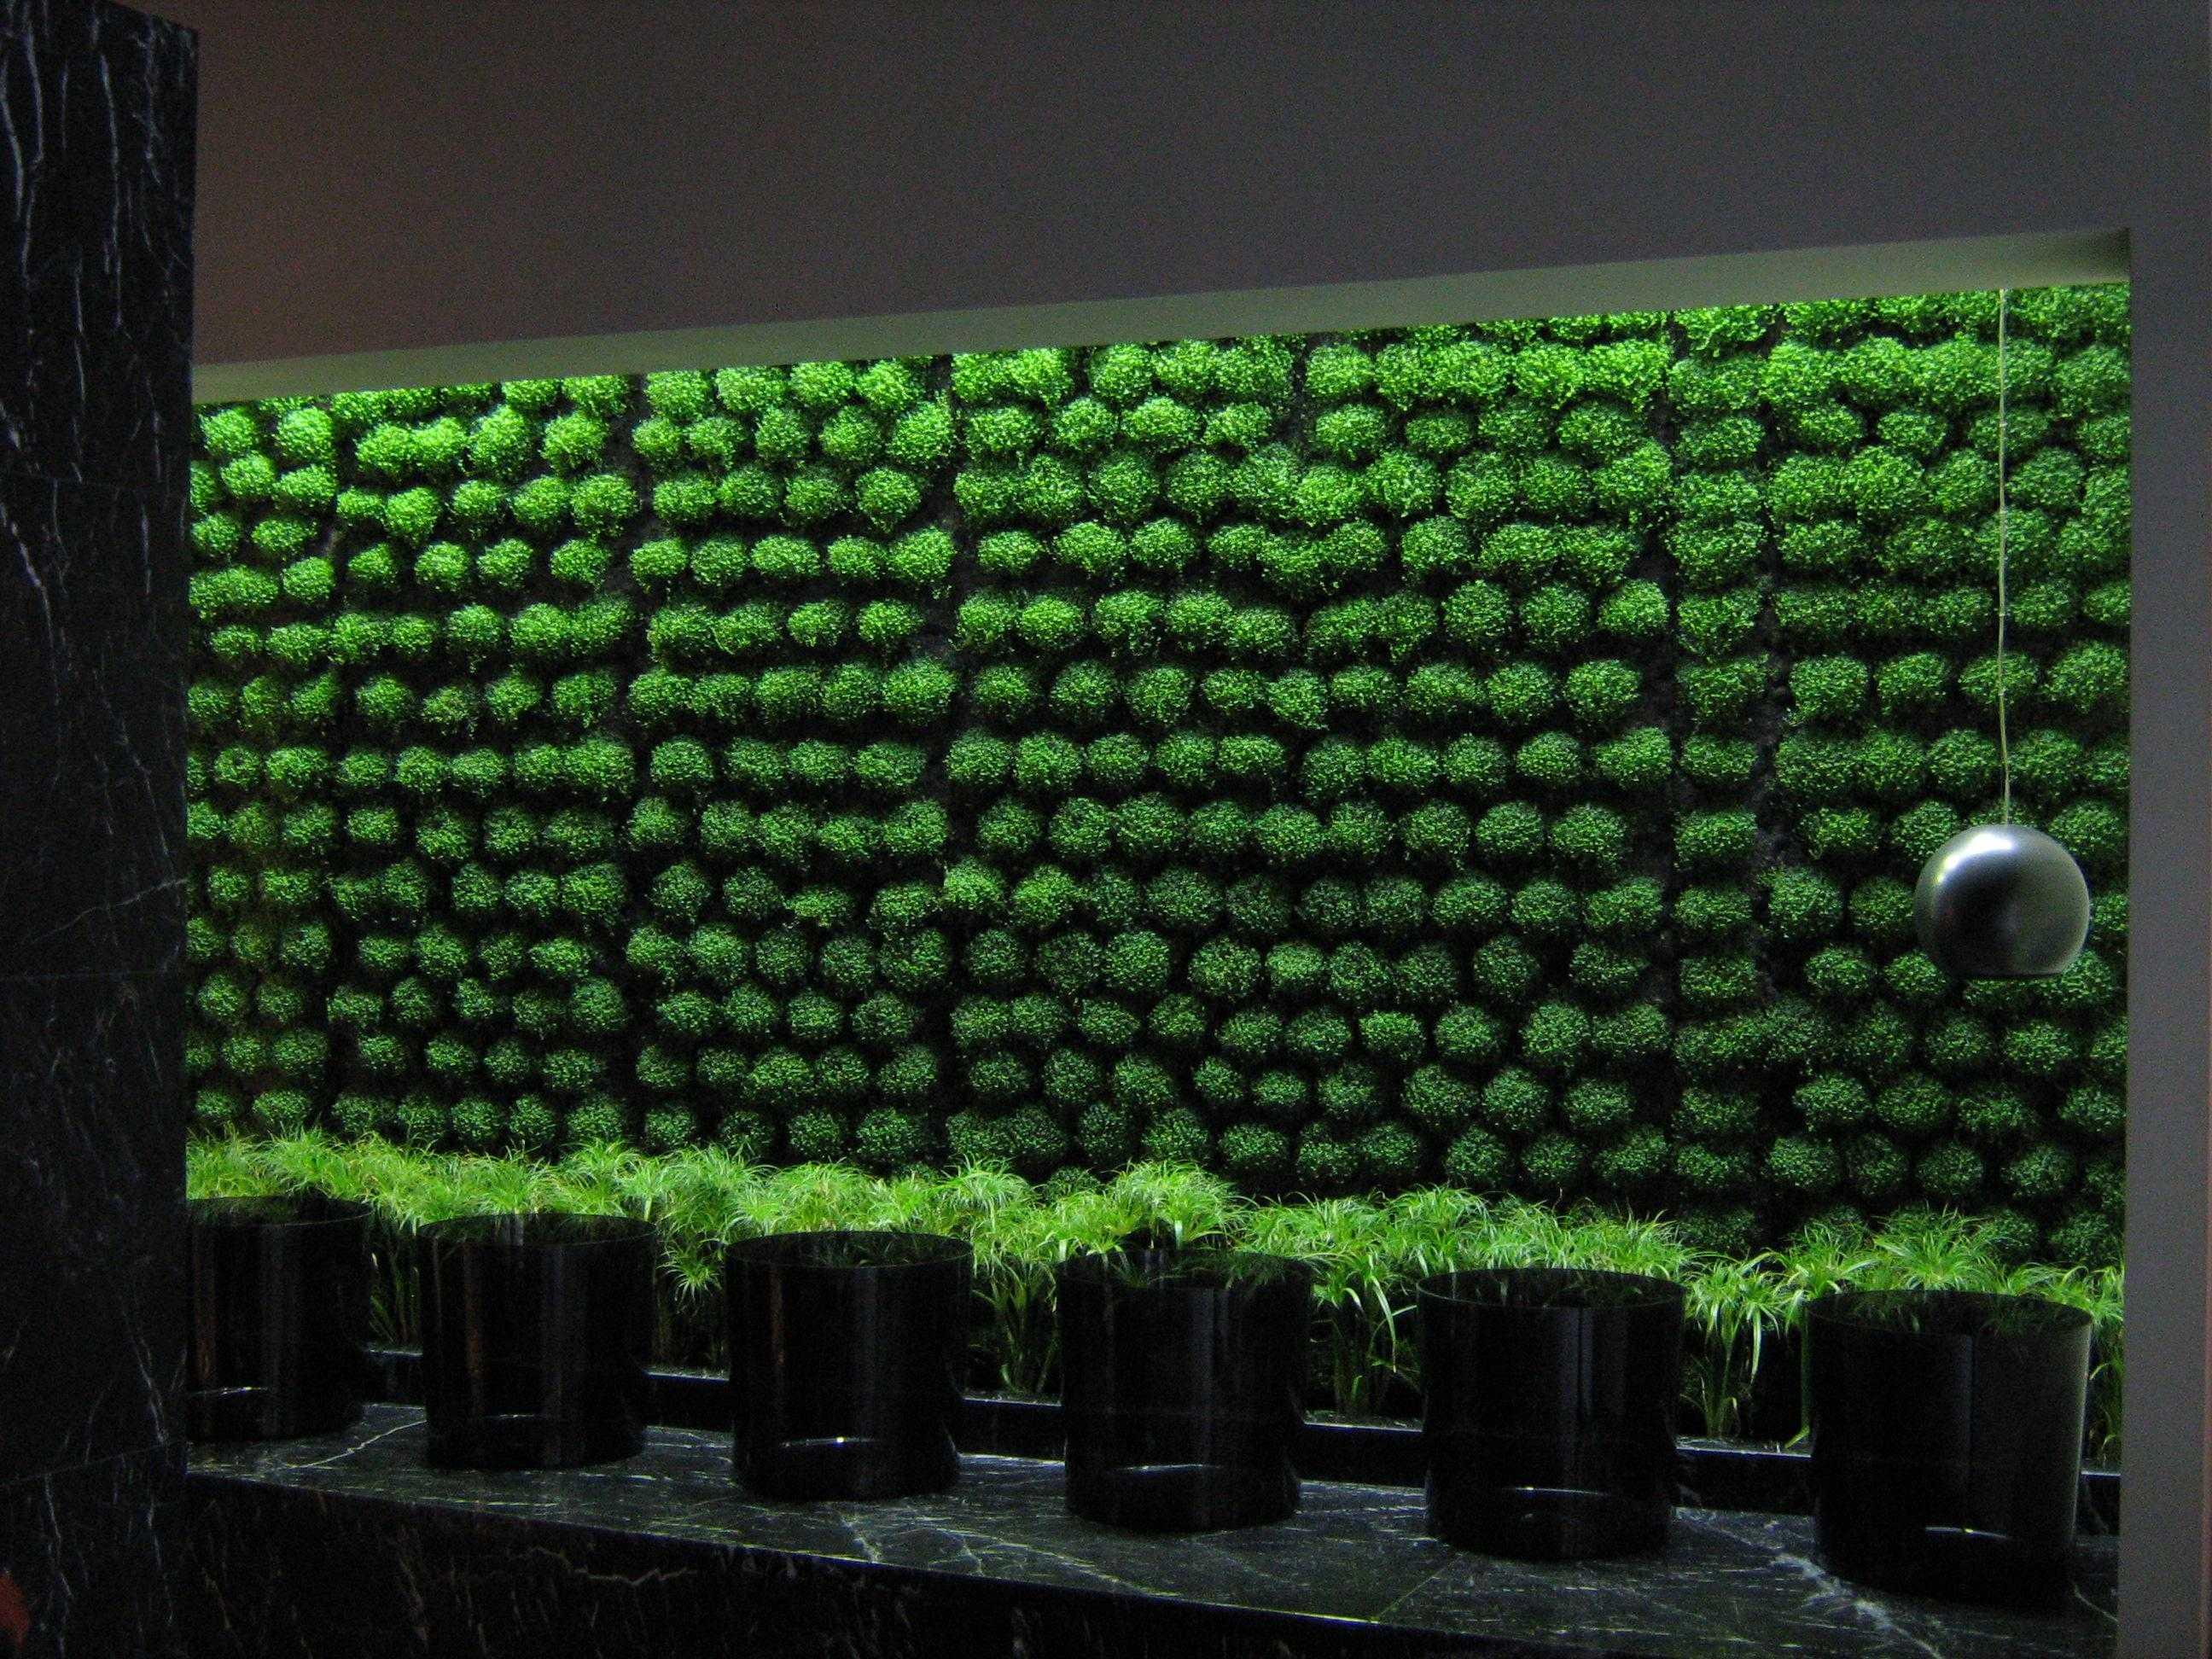 Verde profilo centro benessere te la do io firenze - Moduli per giardino verticale ...